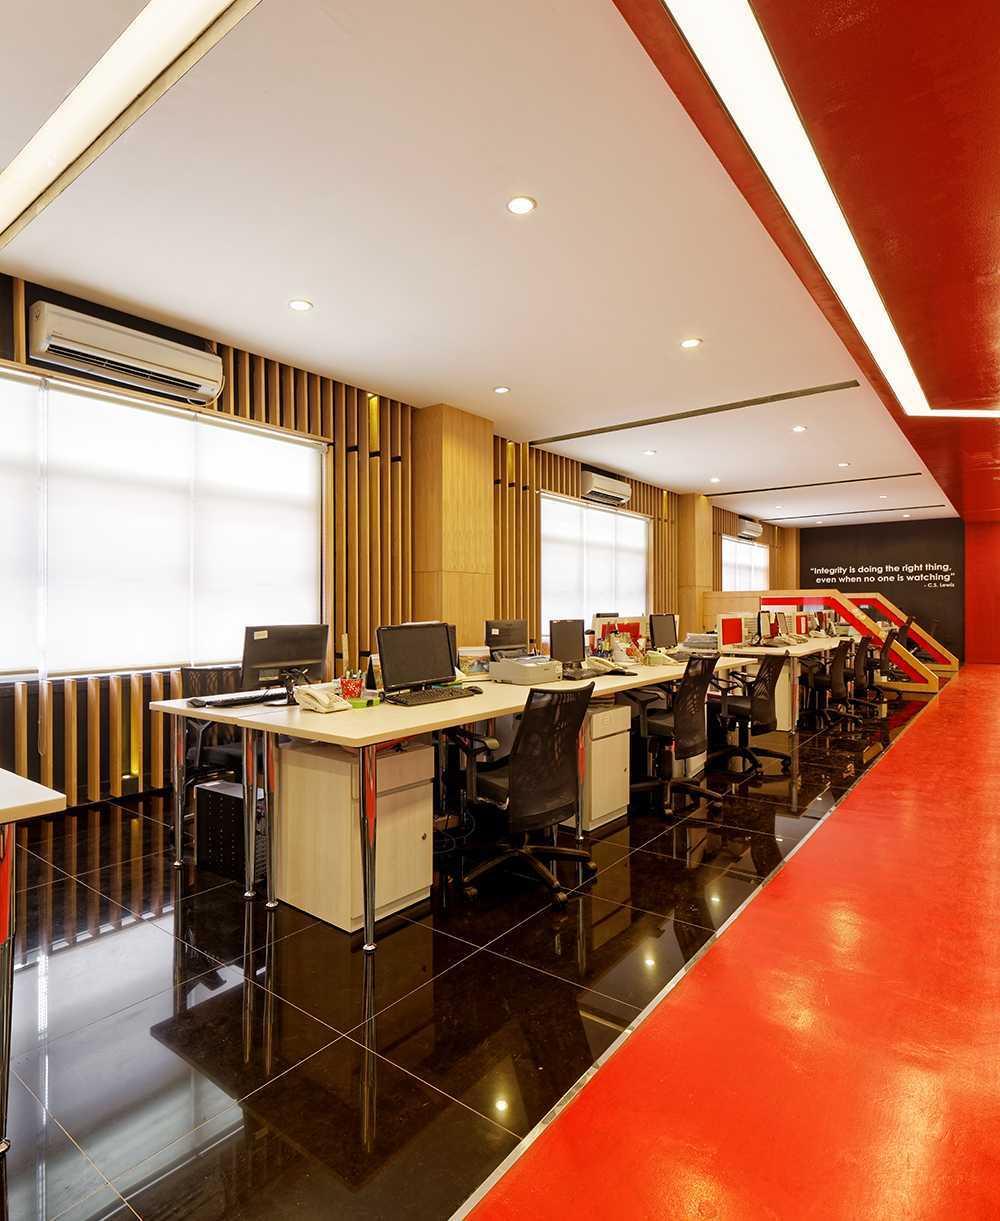 Foto inspirasi ide desain ruang kerja modern Staff-area oleh DELUTION di Arsitag